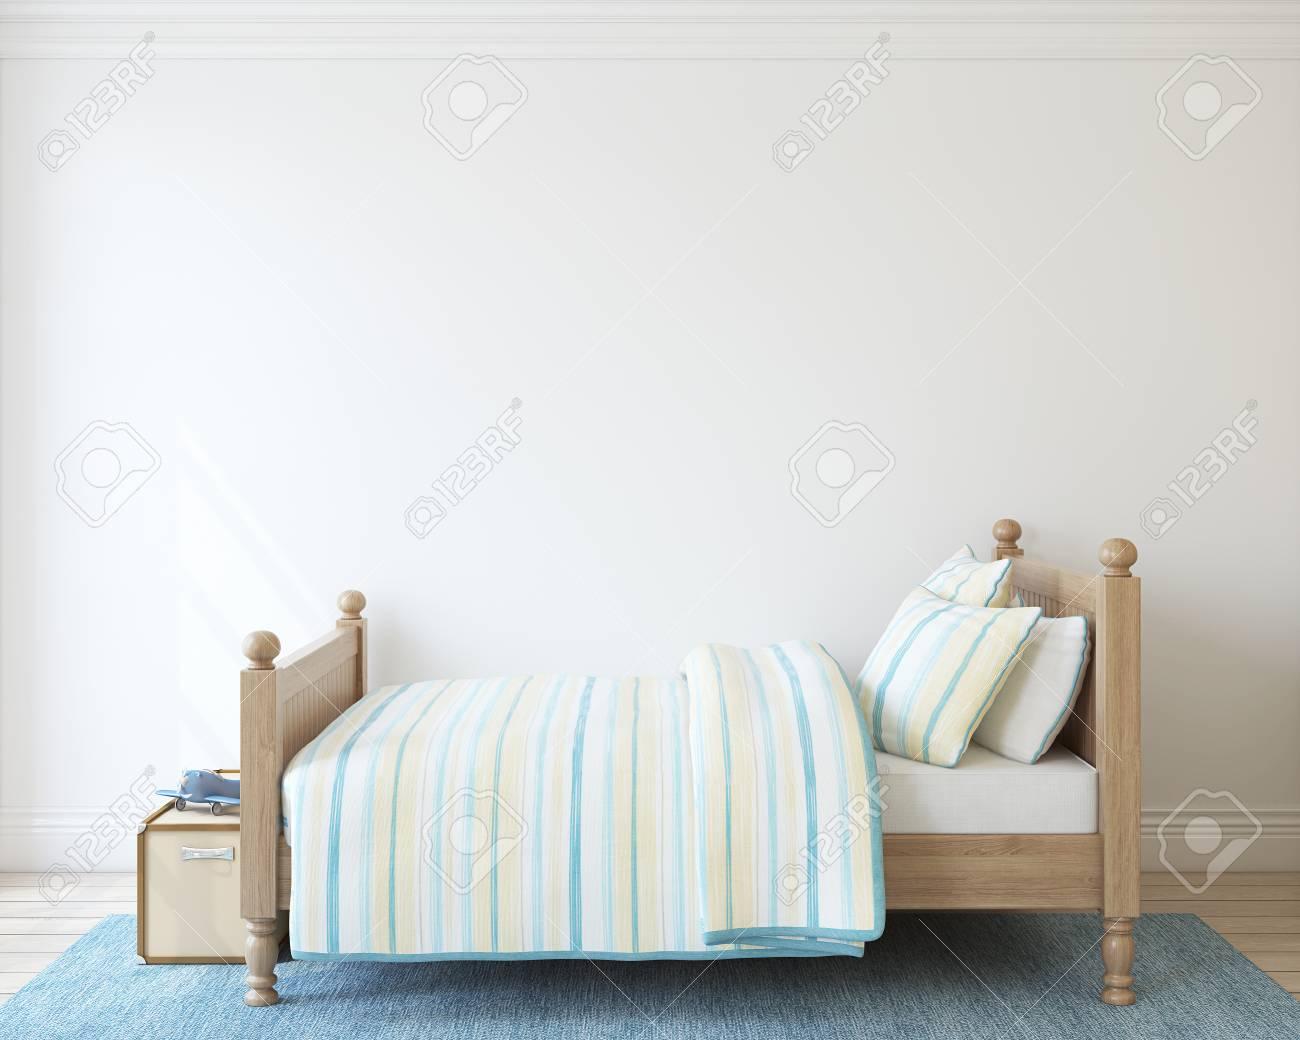 Bedroom for boy. 3d render. - 100258567